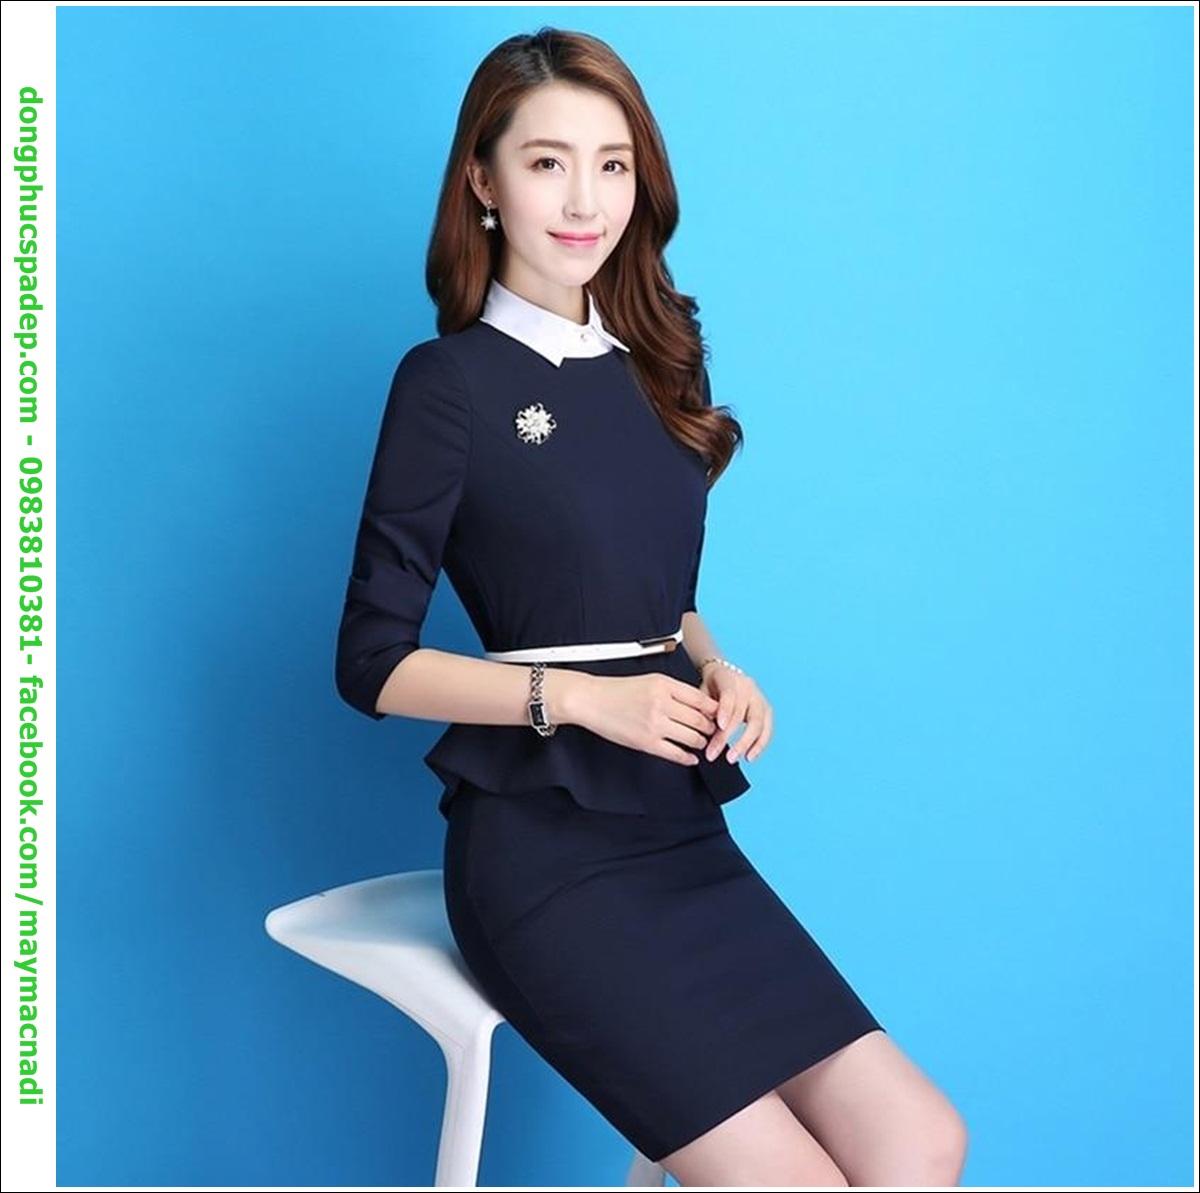 Các mẫu váy đồng phục spathường được thiết kế khá đơn giản với logo doanh nghiệp, không cầu kỳ, màu mè, với tông màu trơn